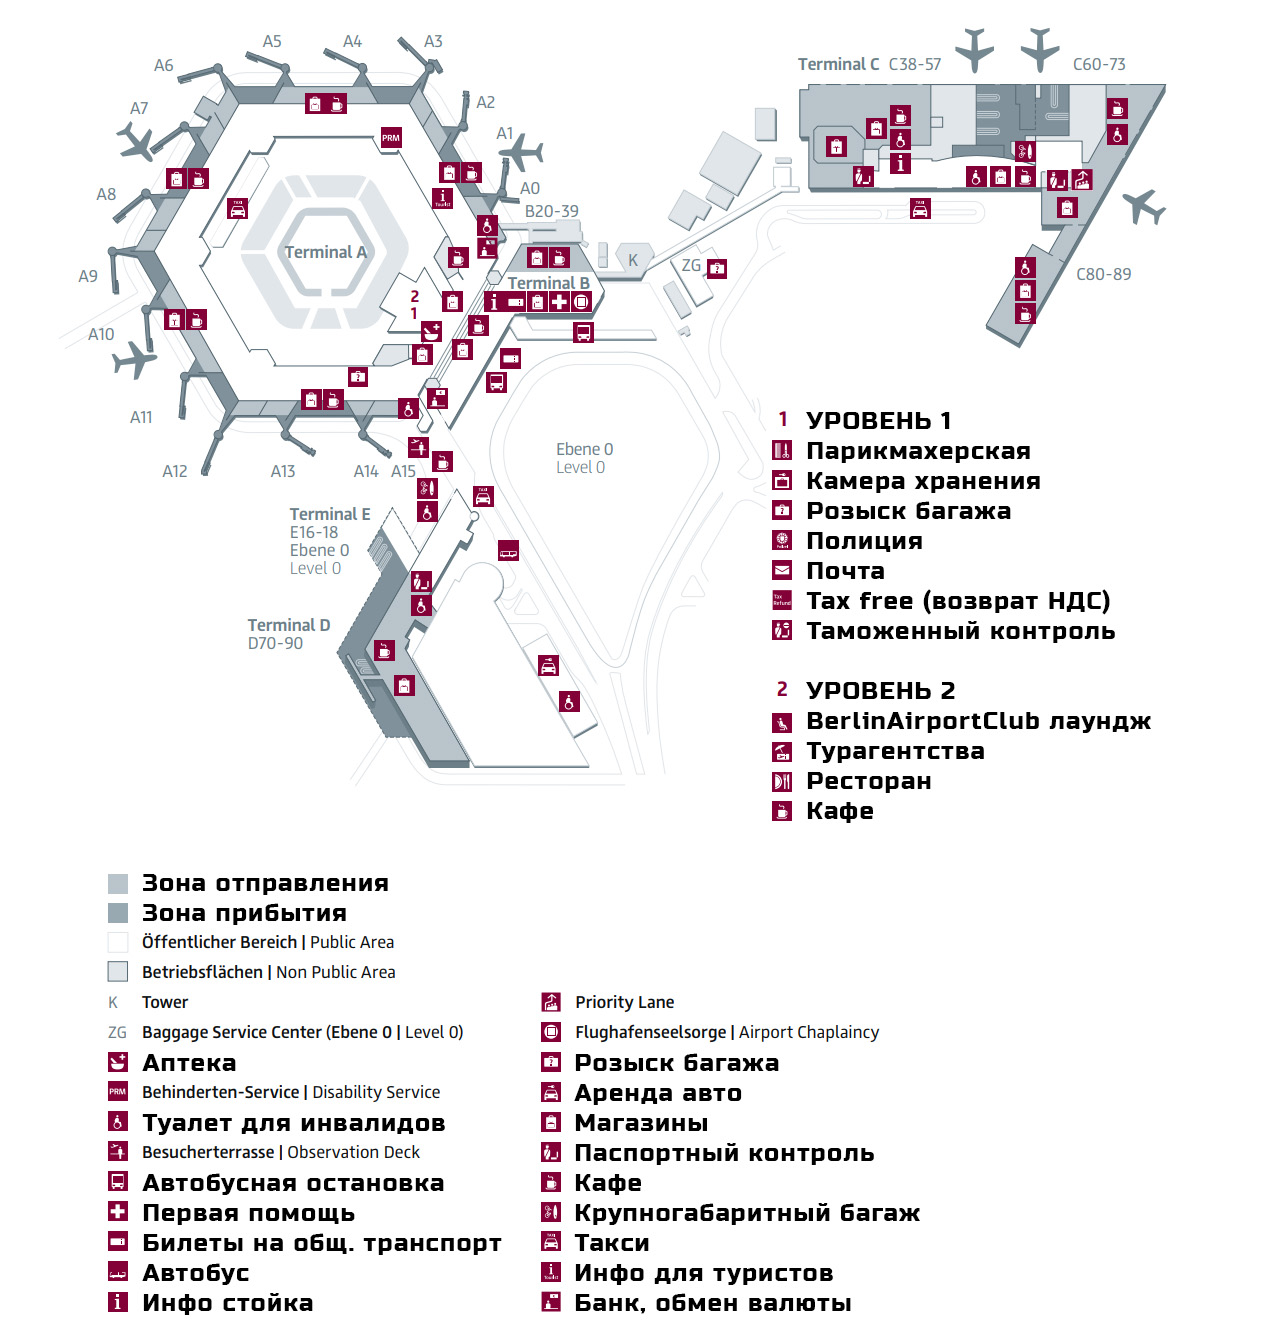 Схема терминалов аэропорта Тегель на русском